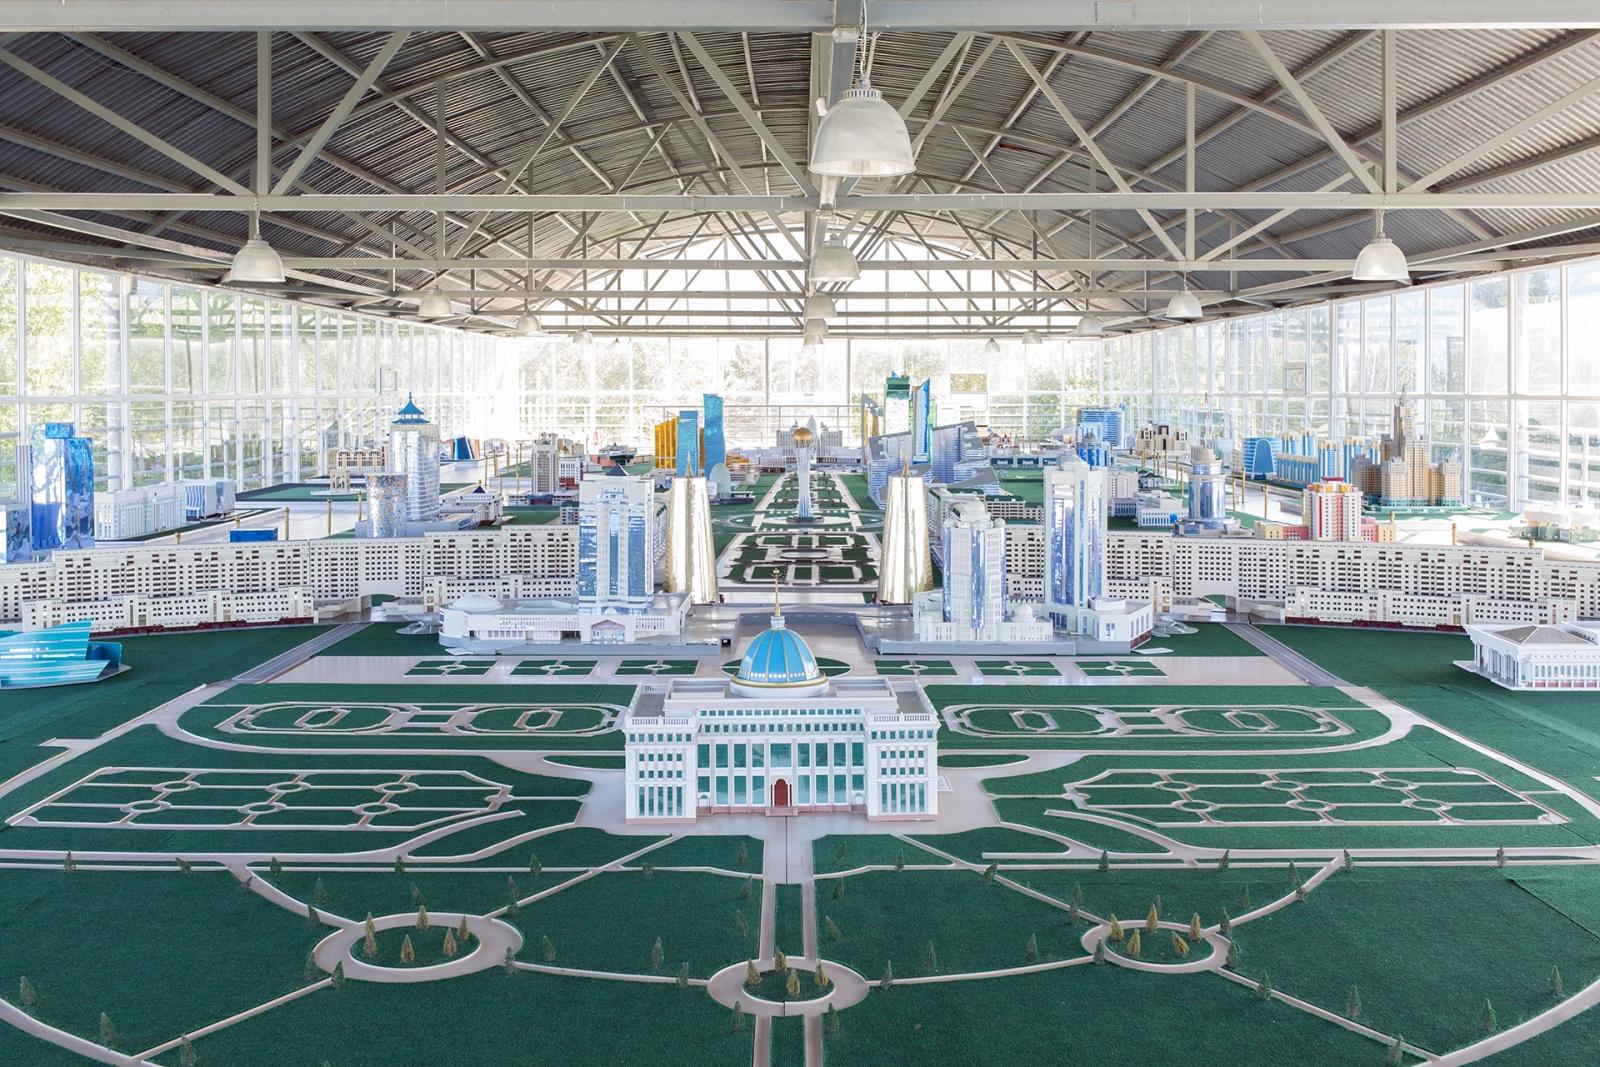 Modellino della città di Astana all'interno di un capannone del museo Atameken. Il progetto, che dovrebbe completarsi nel 2030, prevede che la capitale spazierà su un'area complessiva di 710km². Astana, Kazakistan, 2018. © Filippo Venturi.